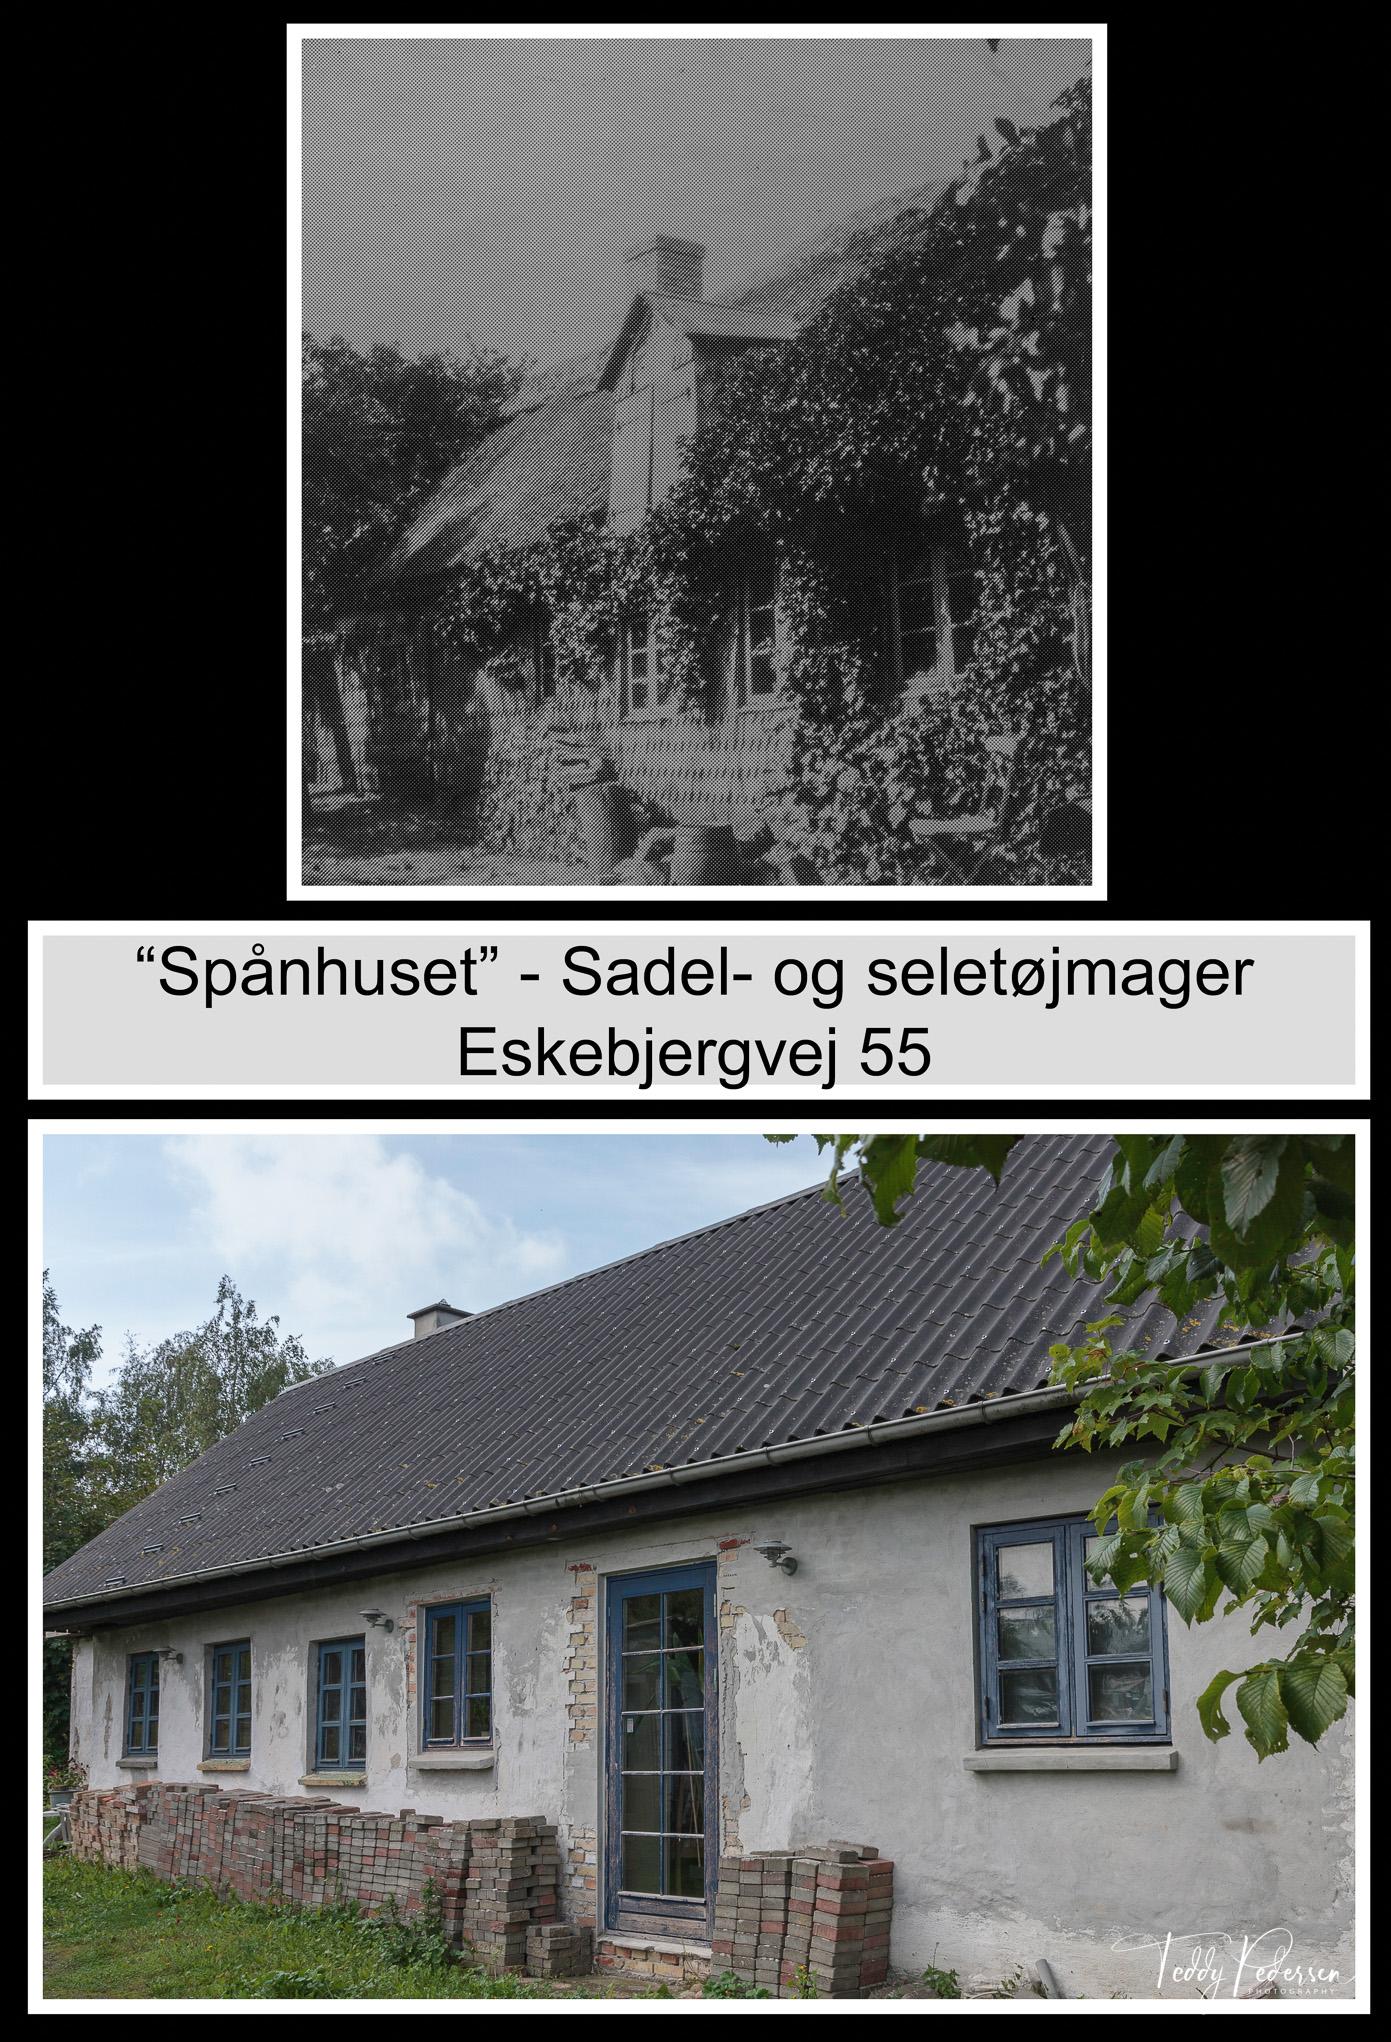 013-034-Spånhuset-Eskebjergvej-55_HighRes_LowRes